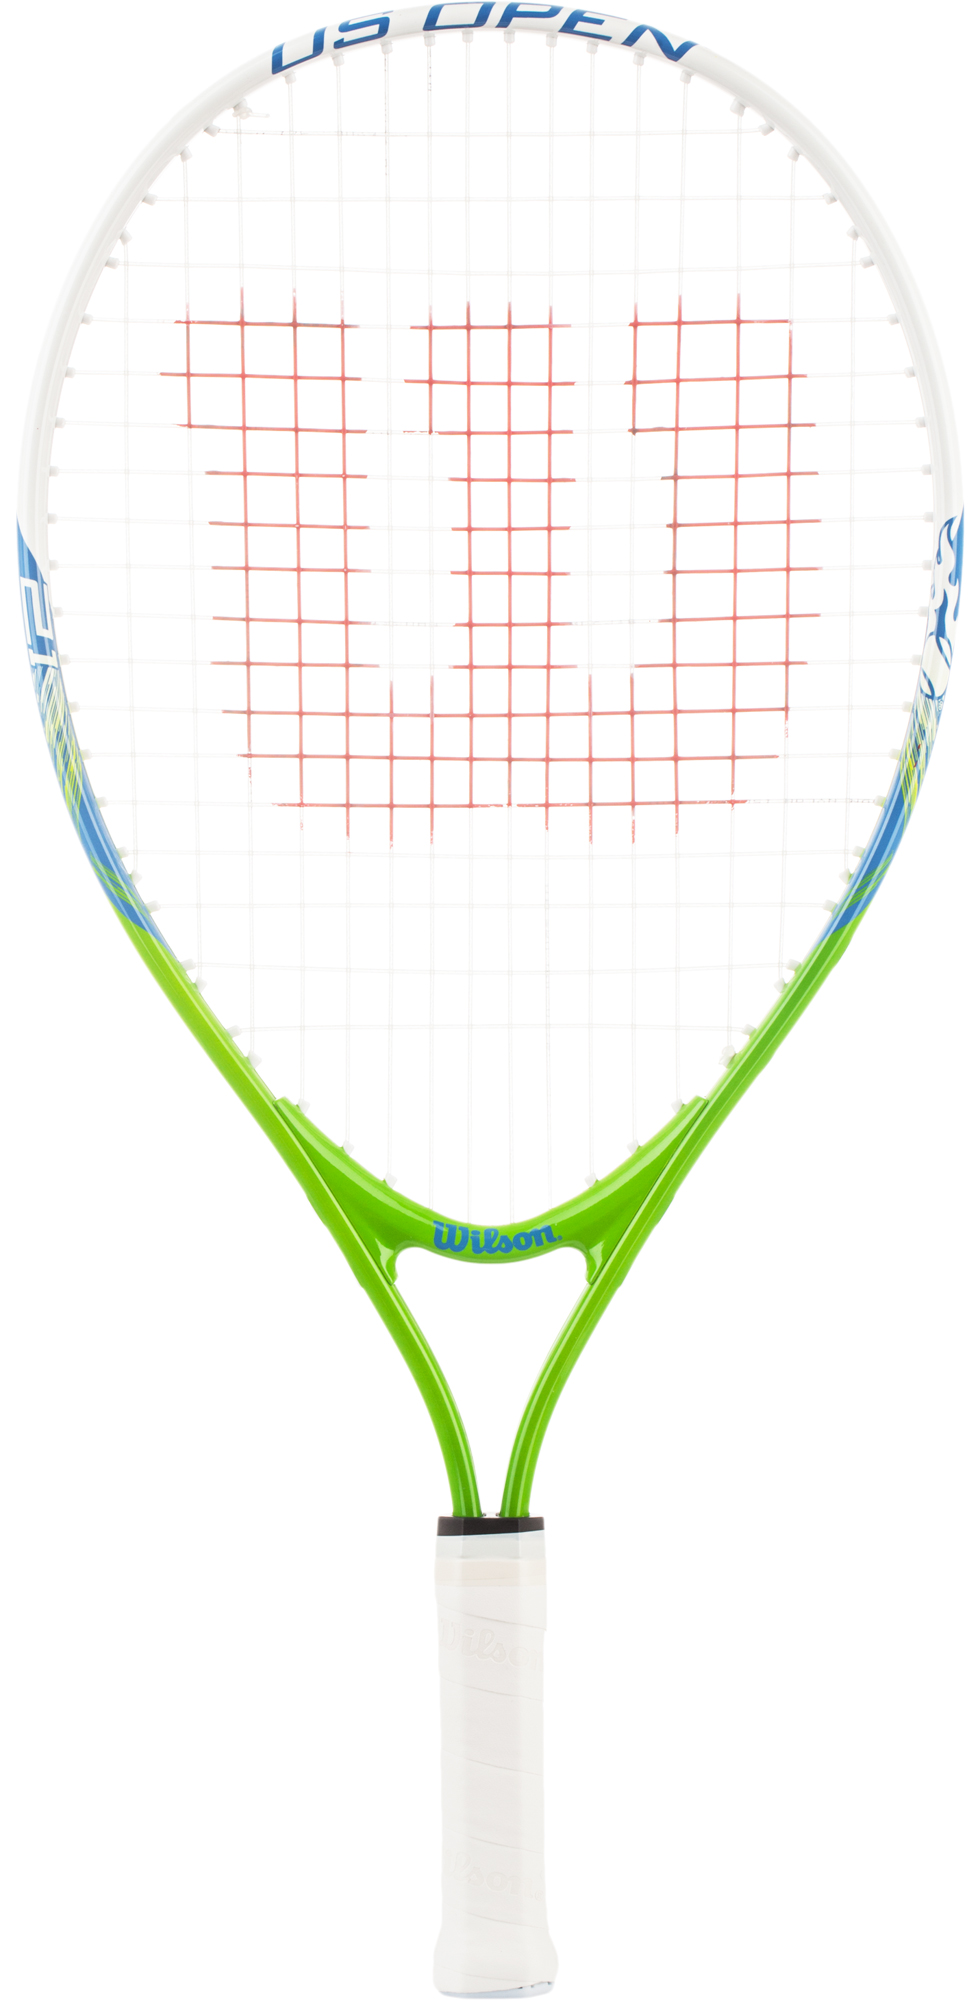 Wilson Ракетка для большого тенниса детская Wilson US Open 21 wilson набор мячей для большого тенниса wilson australian open 3 ball can размер без размера